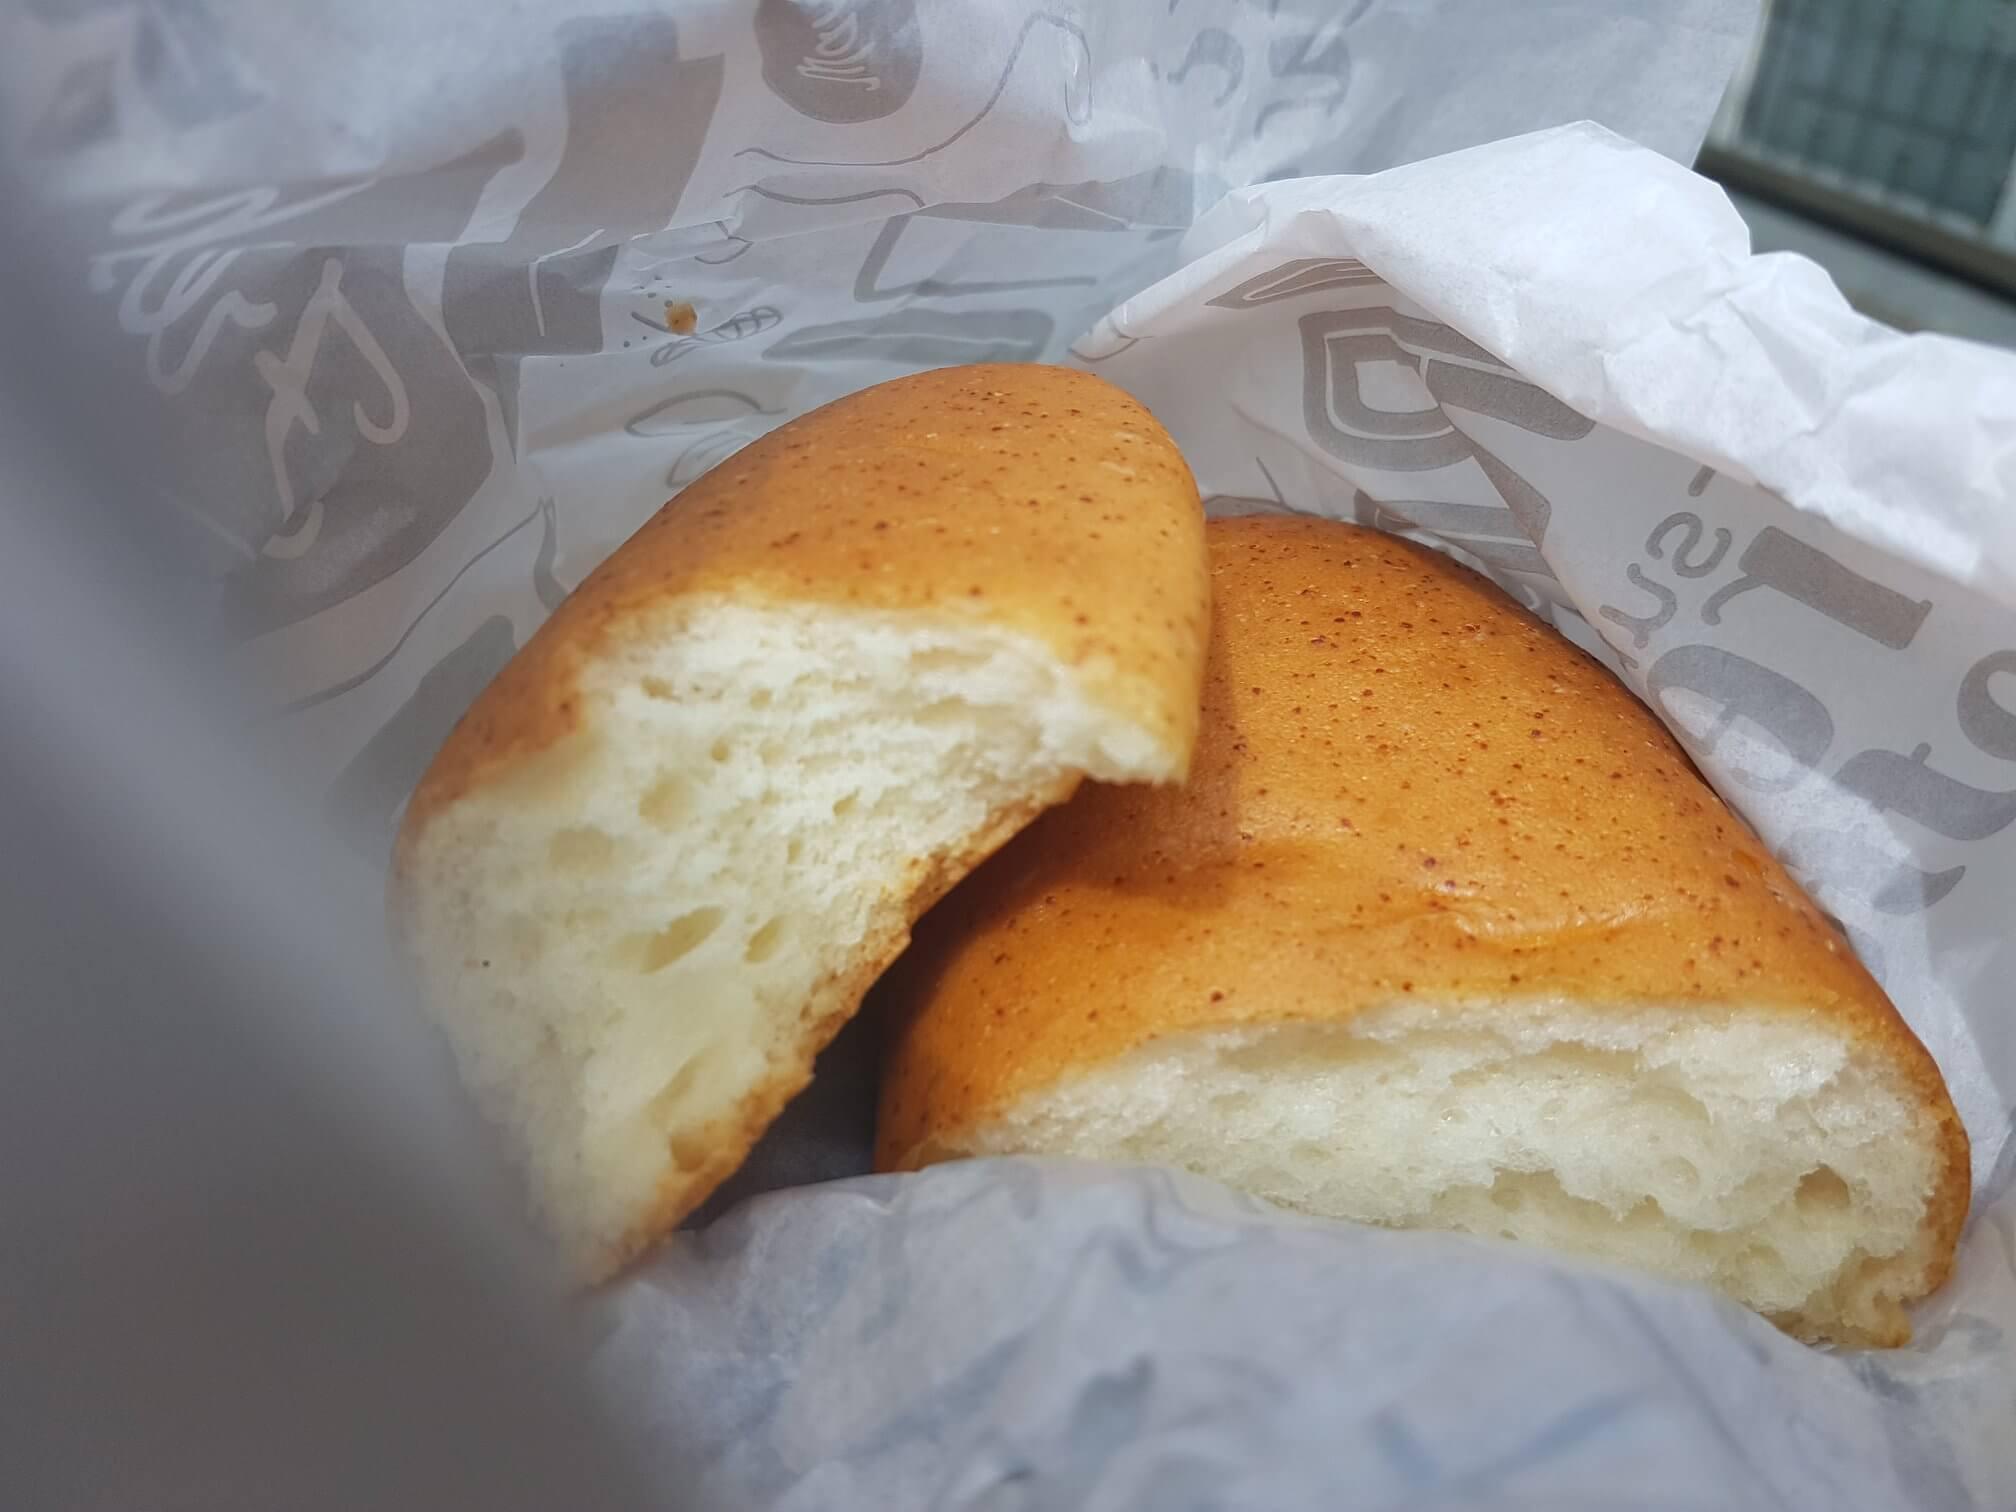 על עורך דין סימן מסחר ועל הלחם הנכון